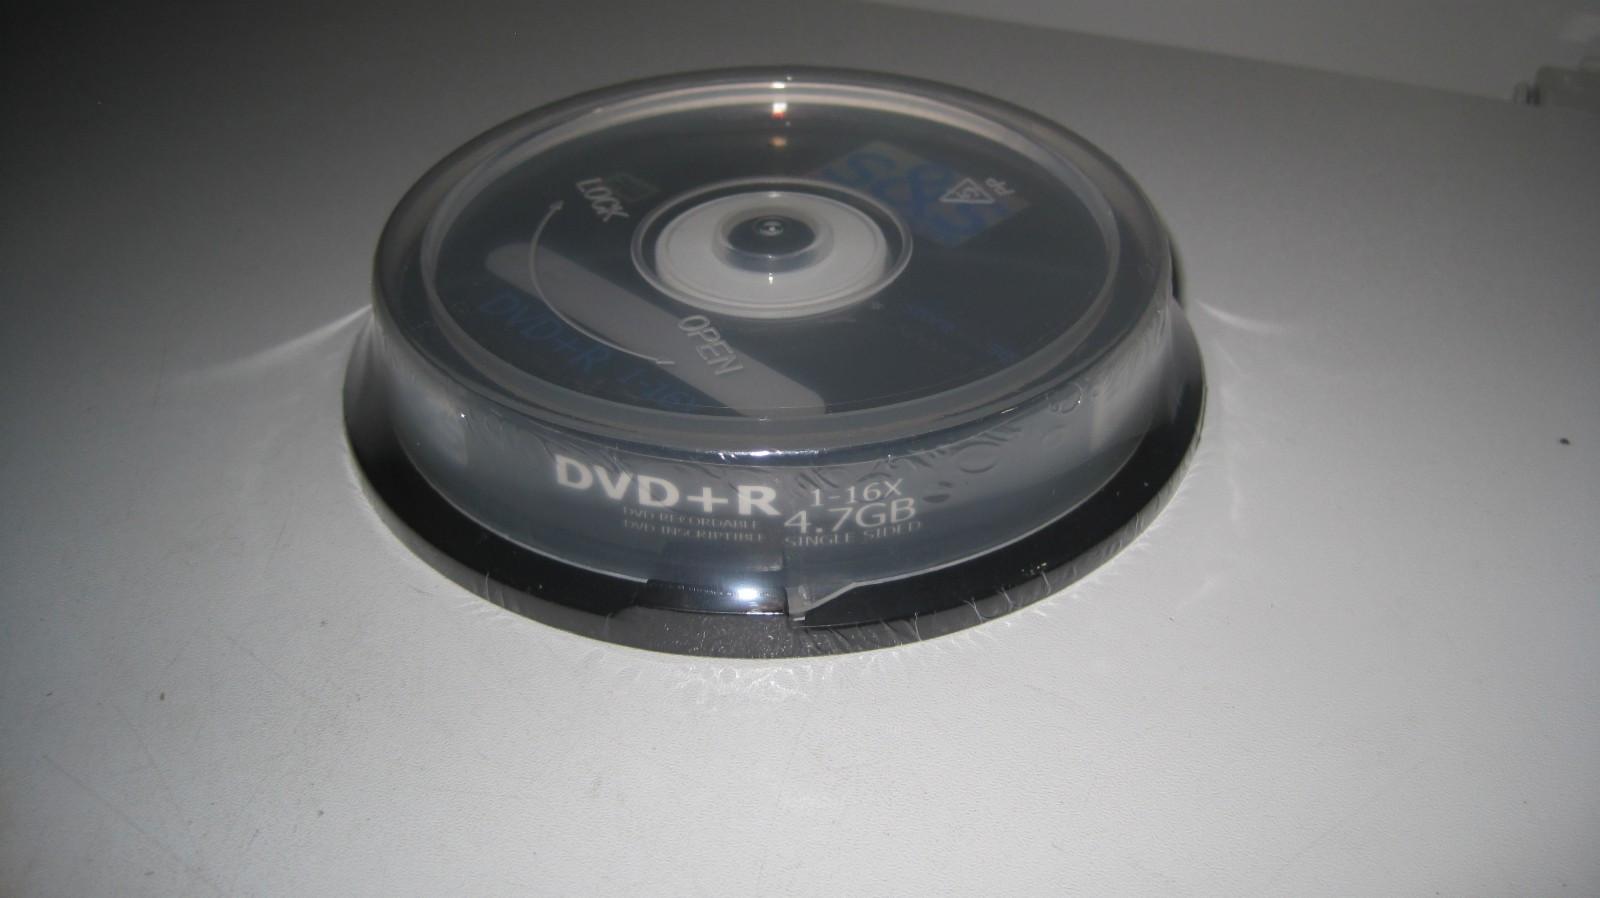 DVD+R kopiering eller brenne DVD plater med Cover/Spindel - Porsgrunn  - DVD+R : kopiering eller brenne DVD-plater med Cover/Spindel 1. Enkelte DVD+/-R plate i Cover - kr.3,- (inn til 9 stk.) 2. 10 stk. i Spindel - Kr.15,- 3. 25 stk. i Spindel - Kr. 25,- - Ved henting etter avtale ! - Ved sending: Post frankering  - Porsgrunn